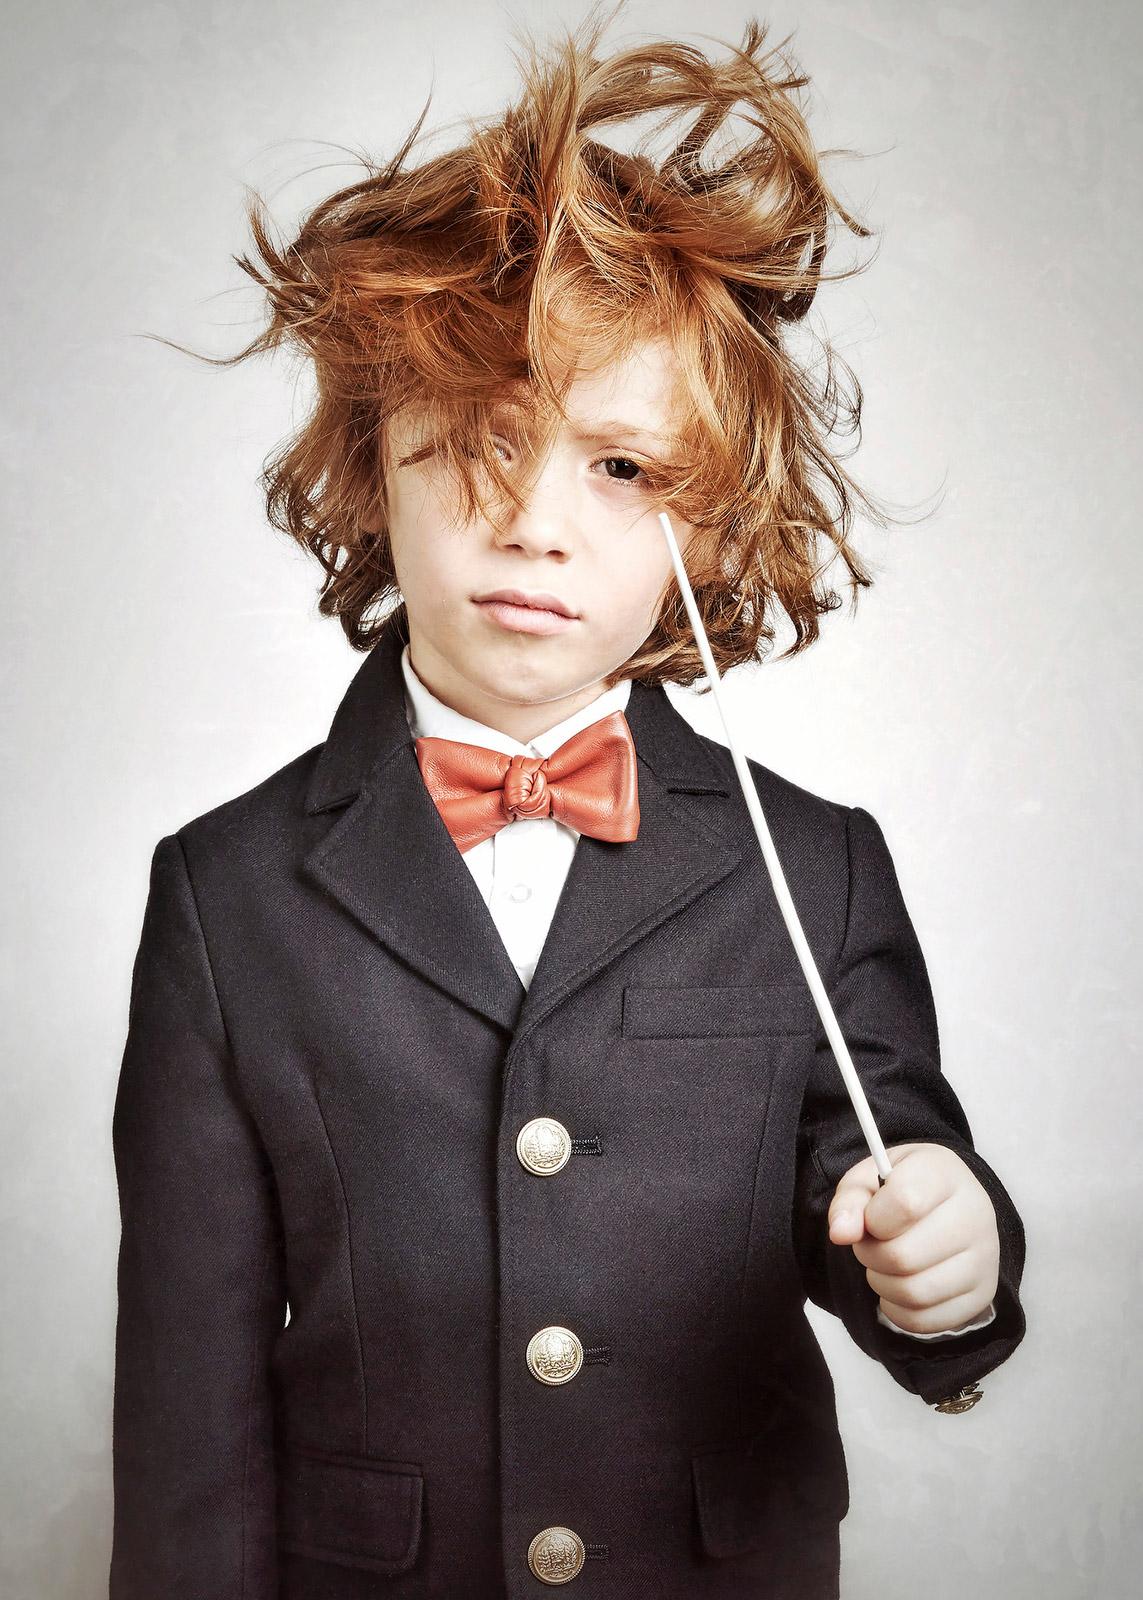 The Redhead Project, la bellezza magnetica (e la rivincita) dei capelli rossi